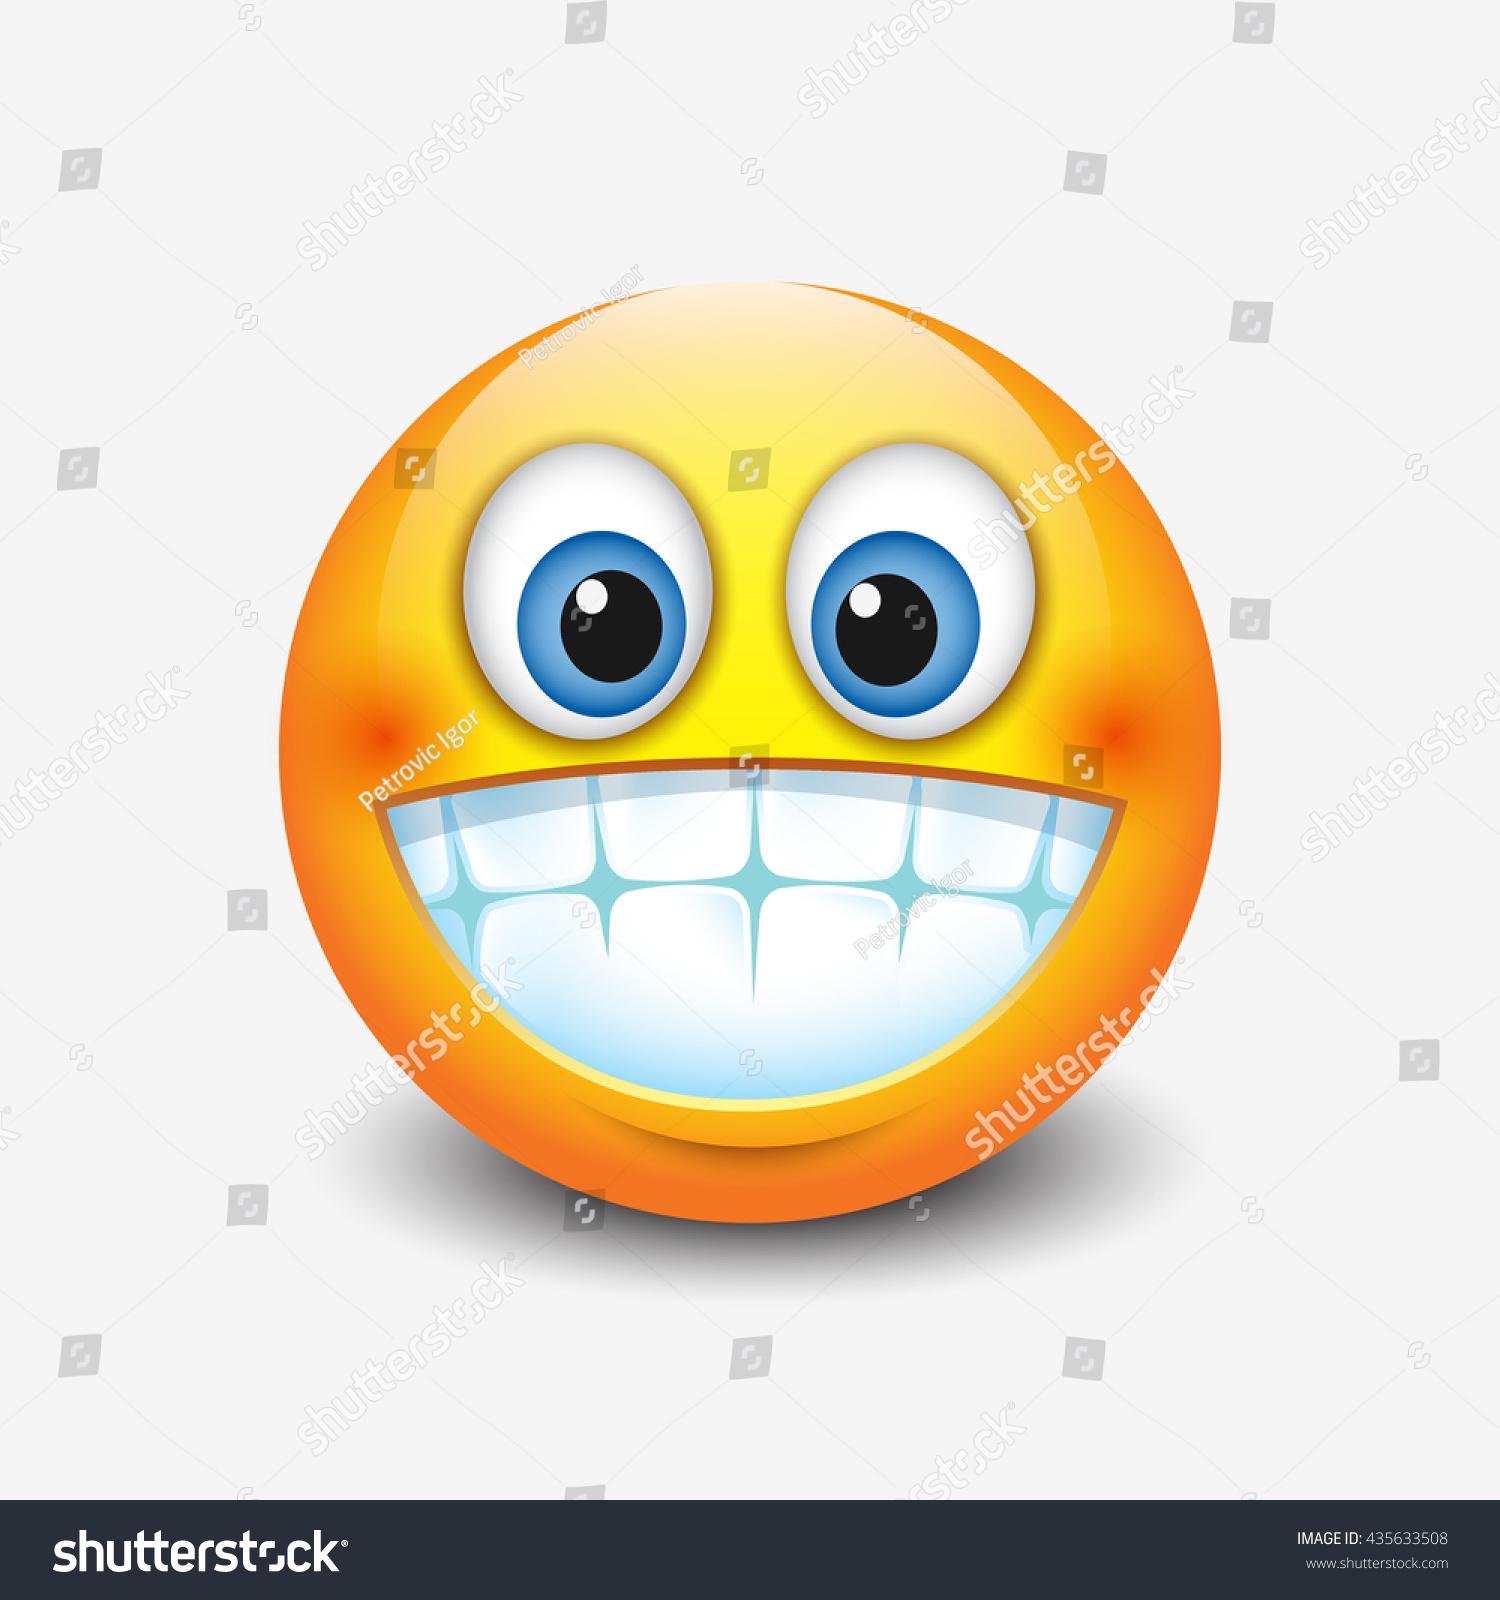 Cute Smiling, Grinning Emoticon Showing Teeth, Emoji ...